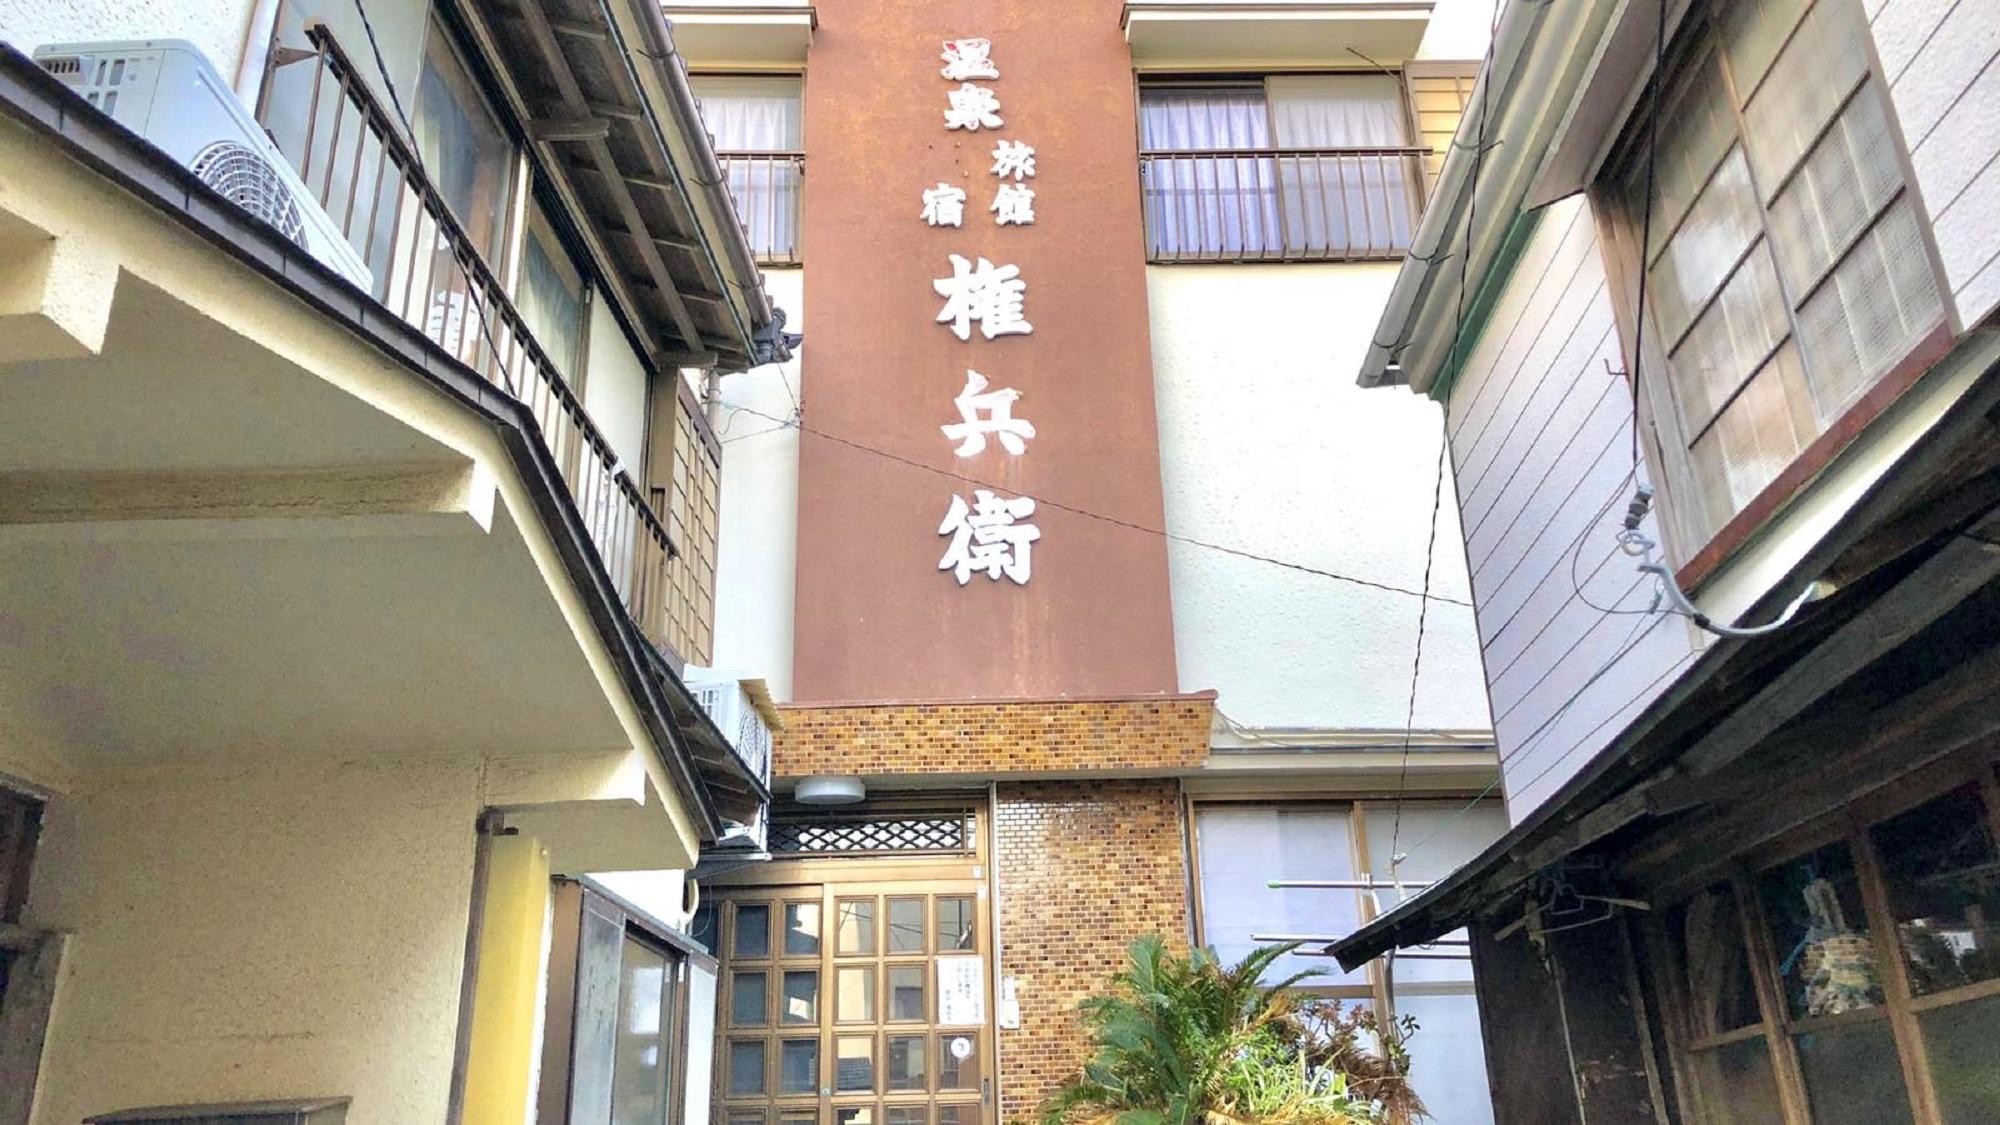 伊豆下田・須崎 温泉民宿 「権兵衛」